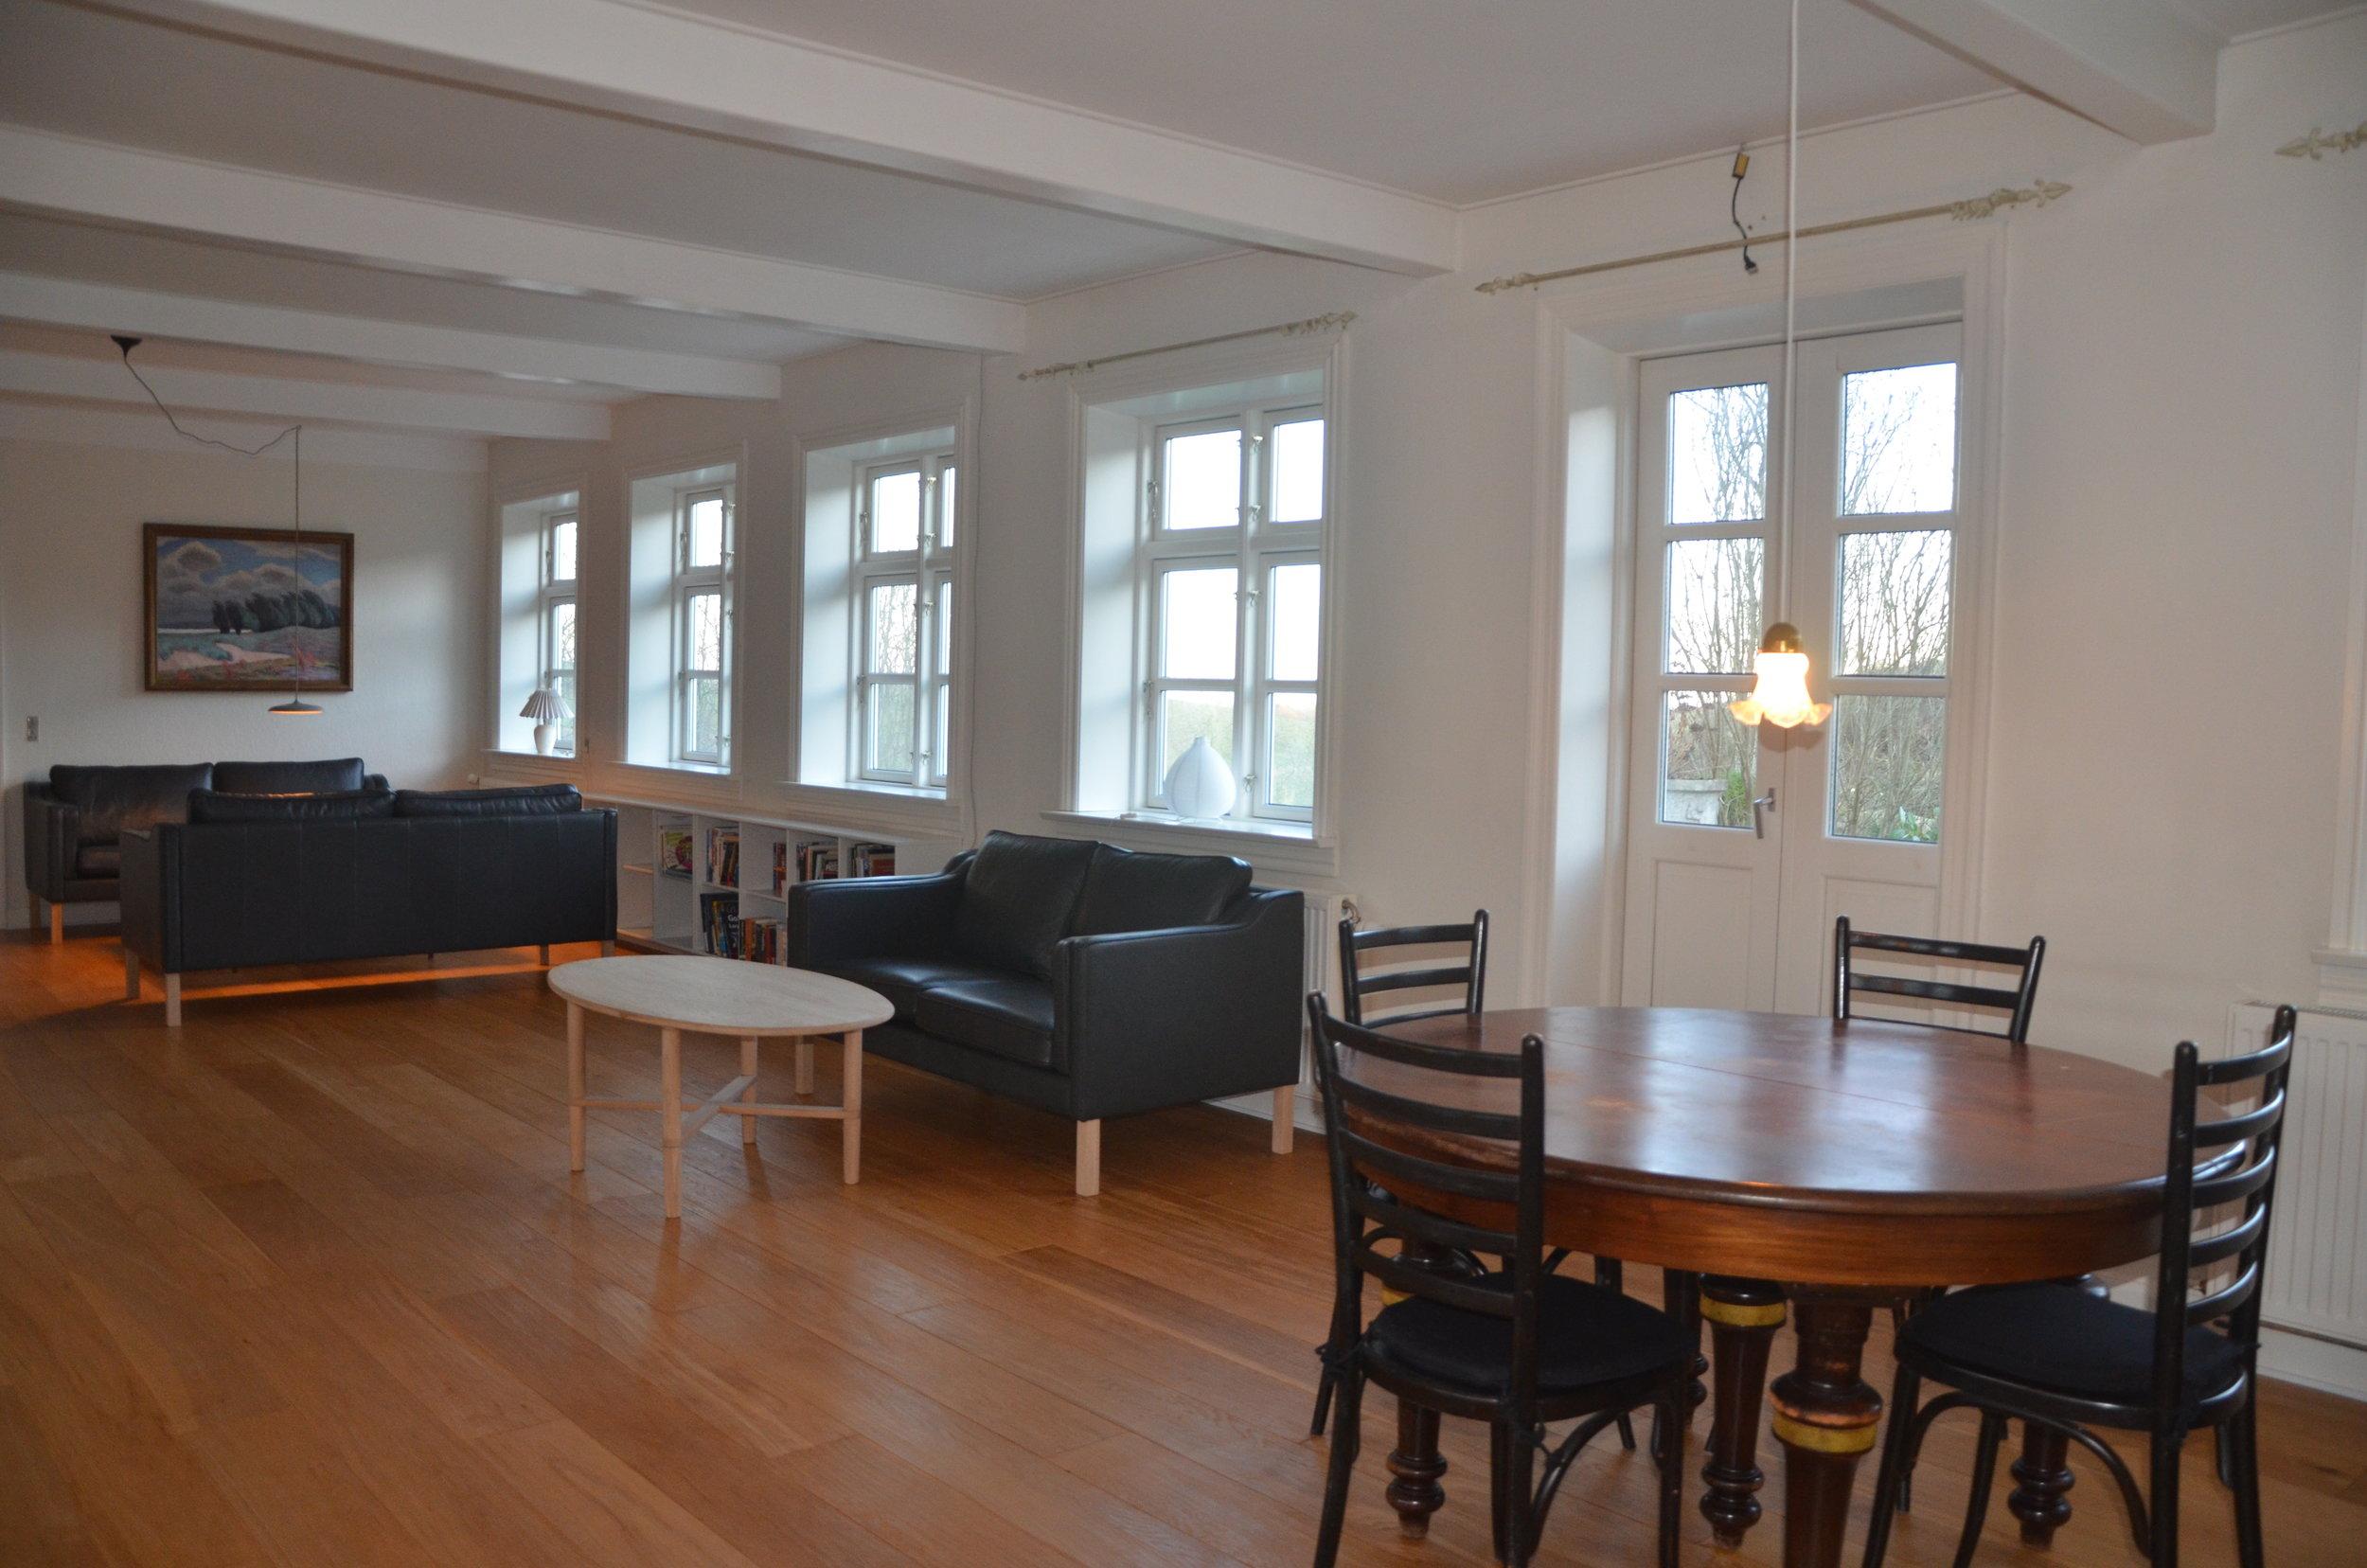 B Living Room 4.JPG